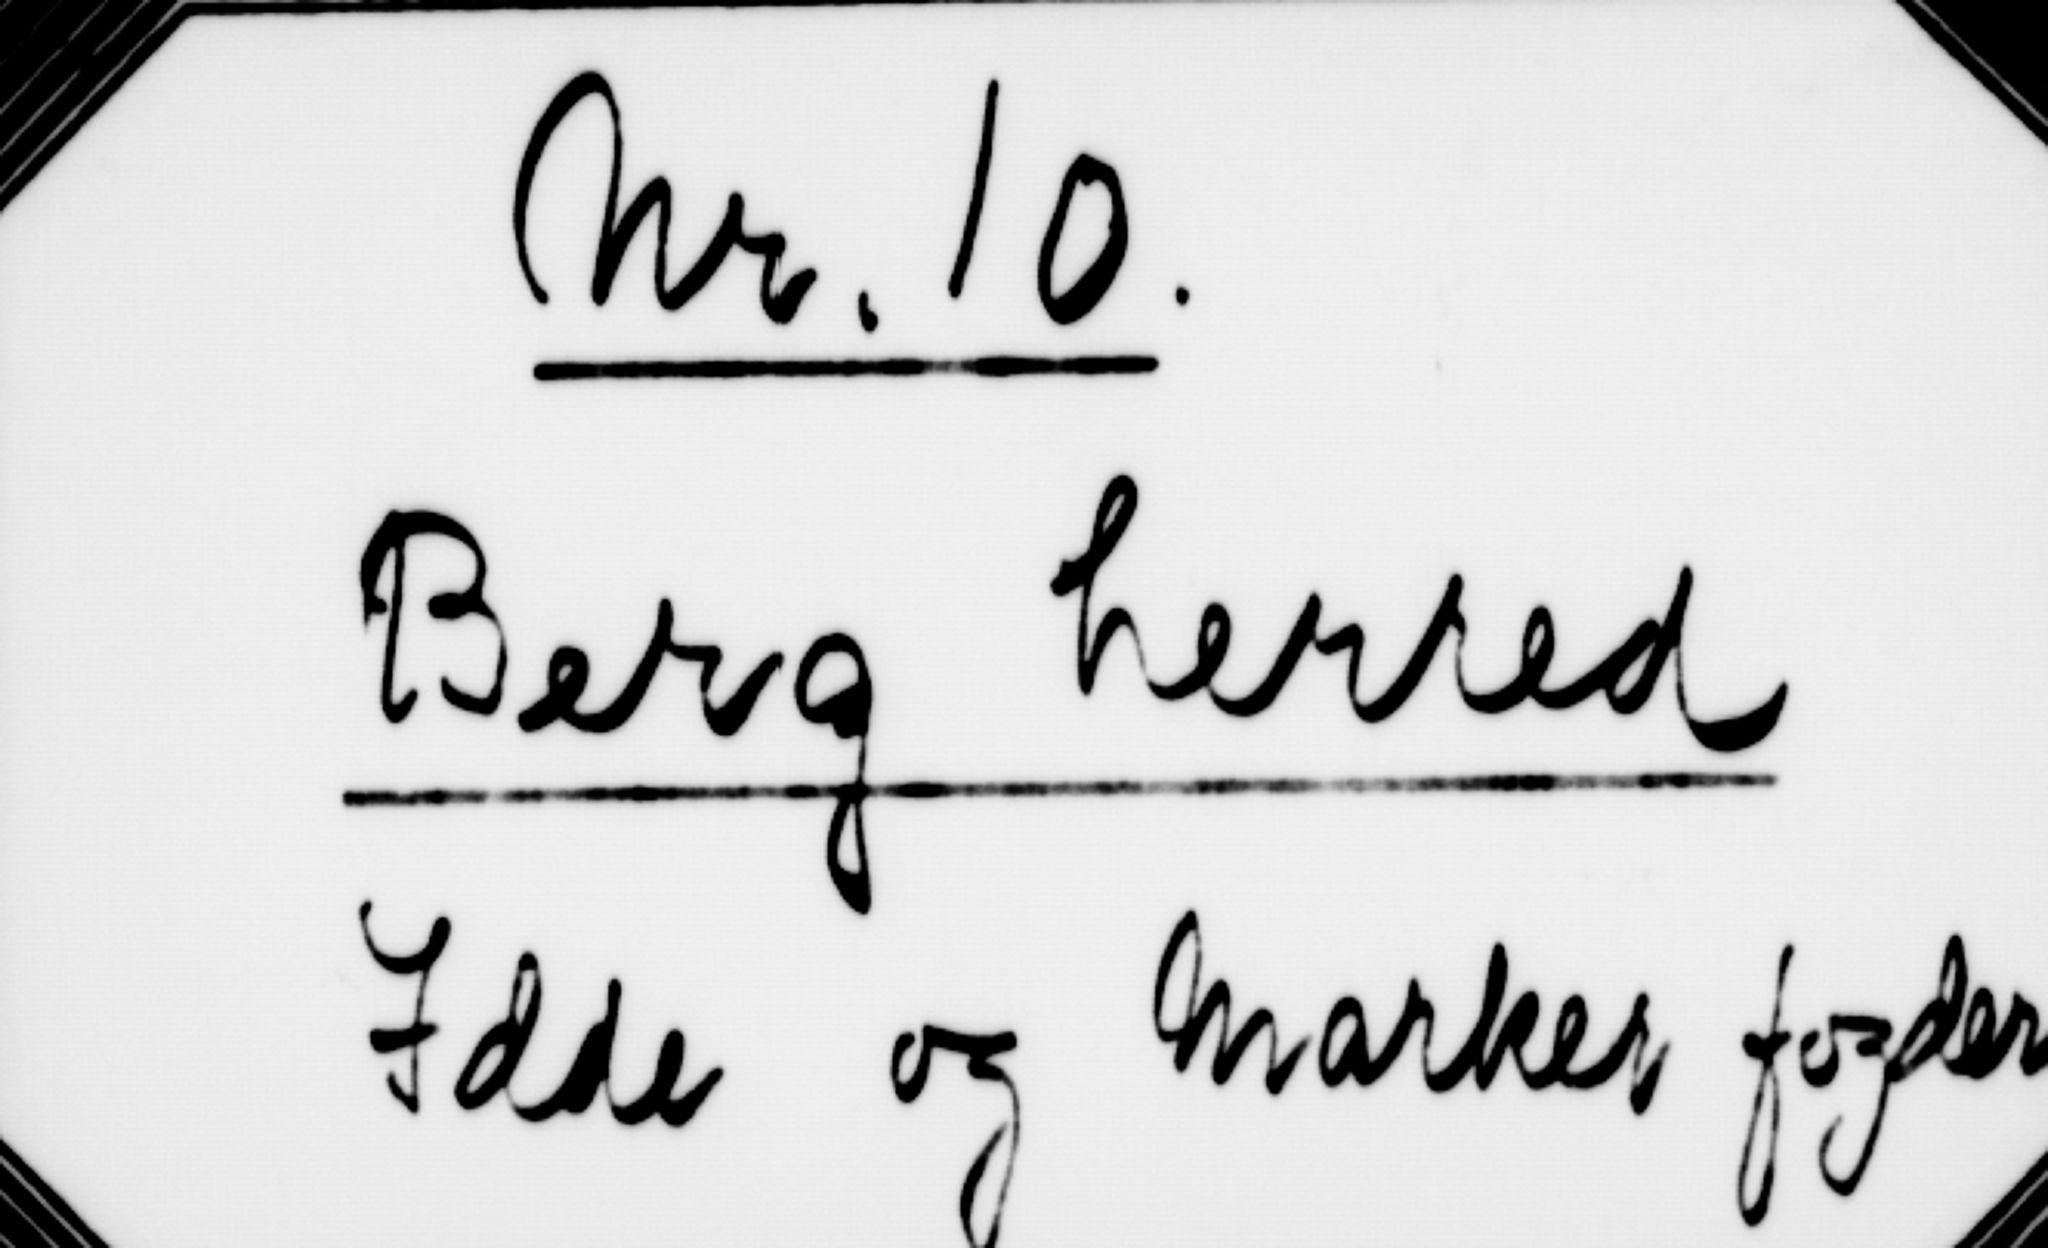 RA, Matrikkelrevisjonen av 1863, F/Fe/L0010: Berg, 1863